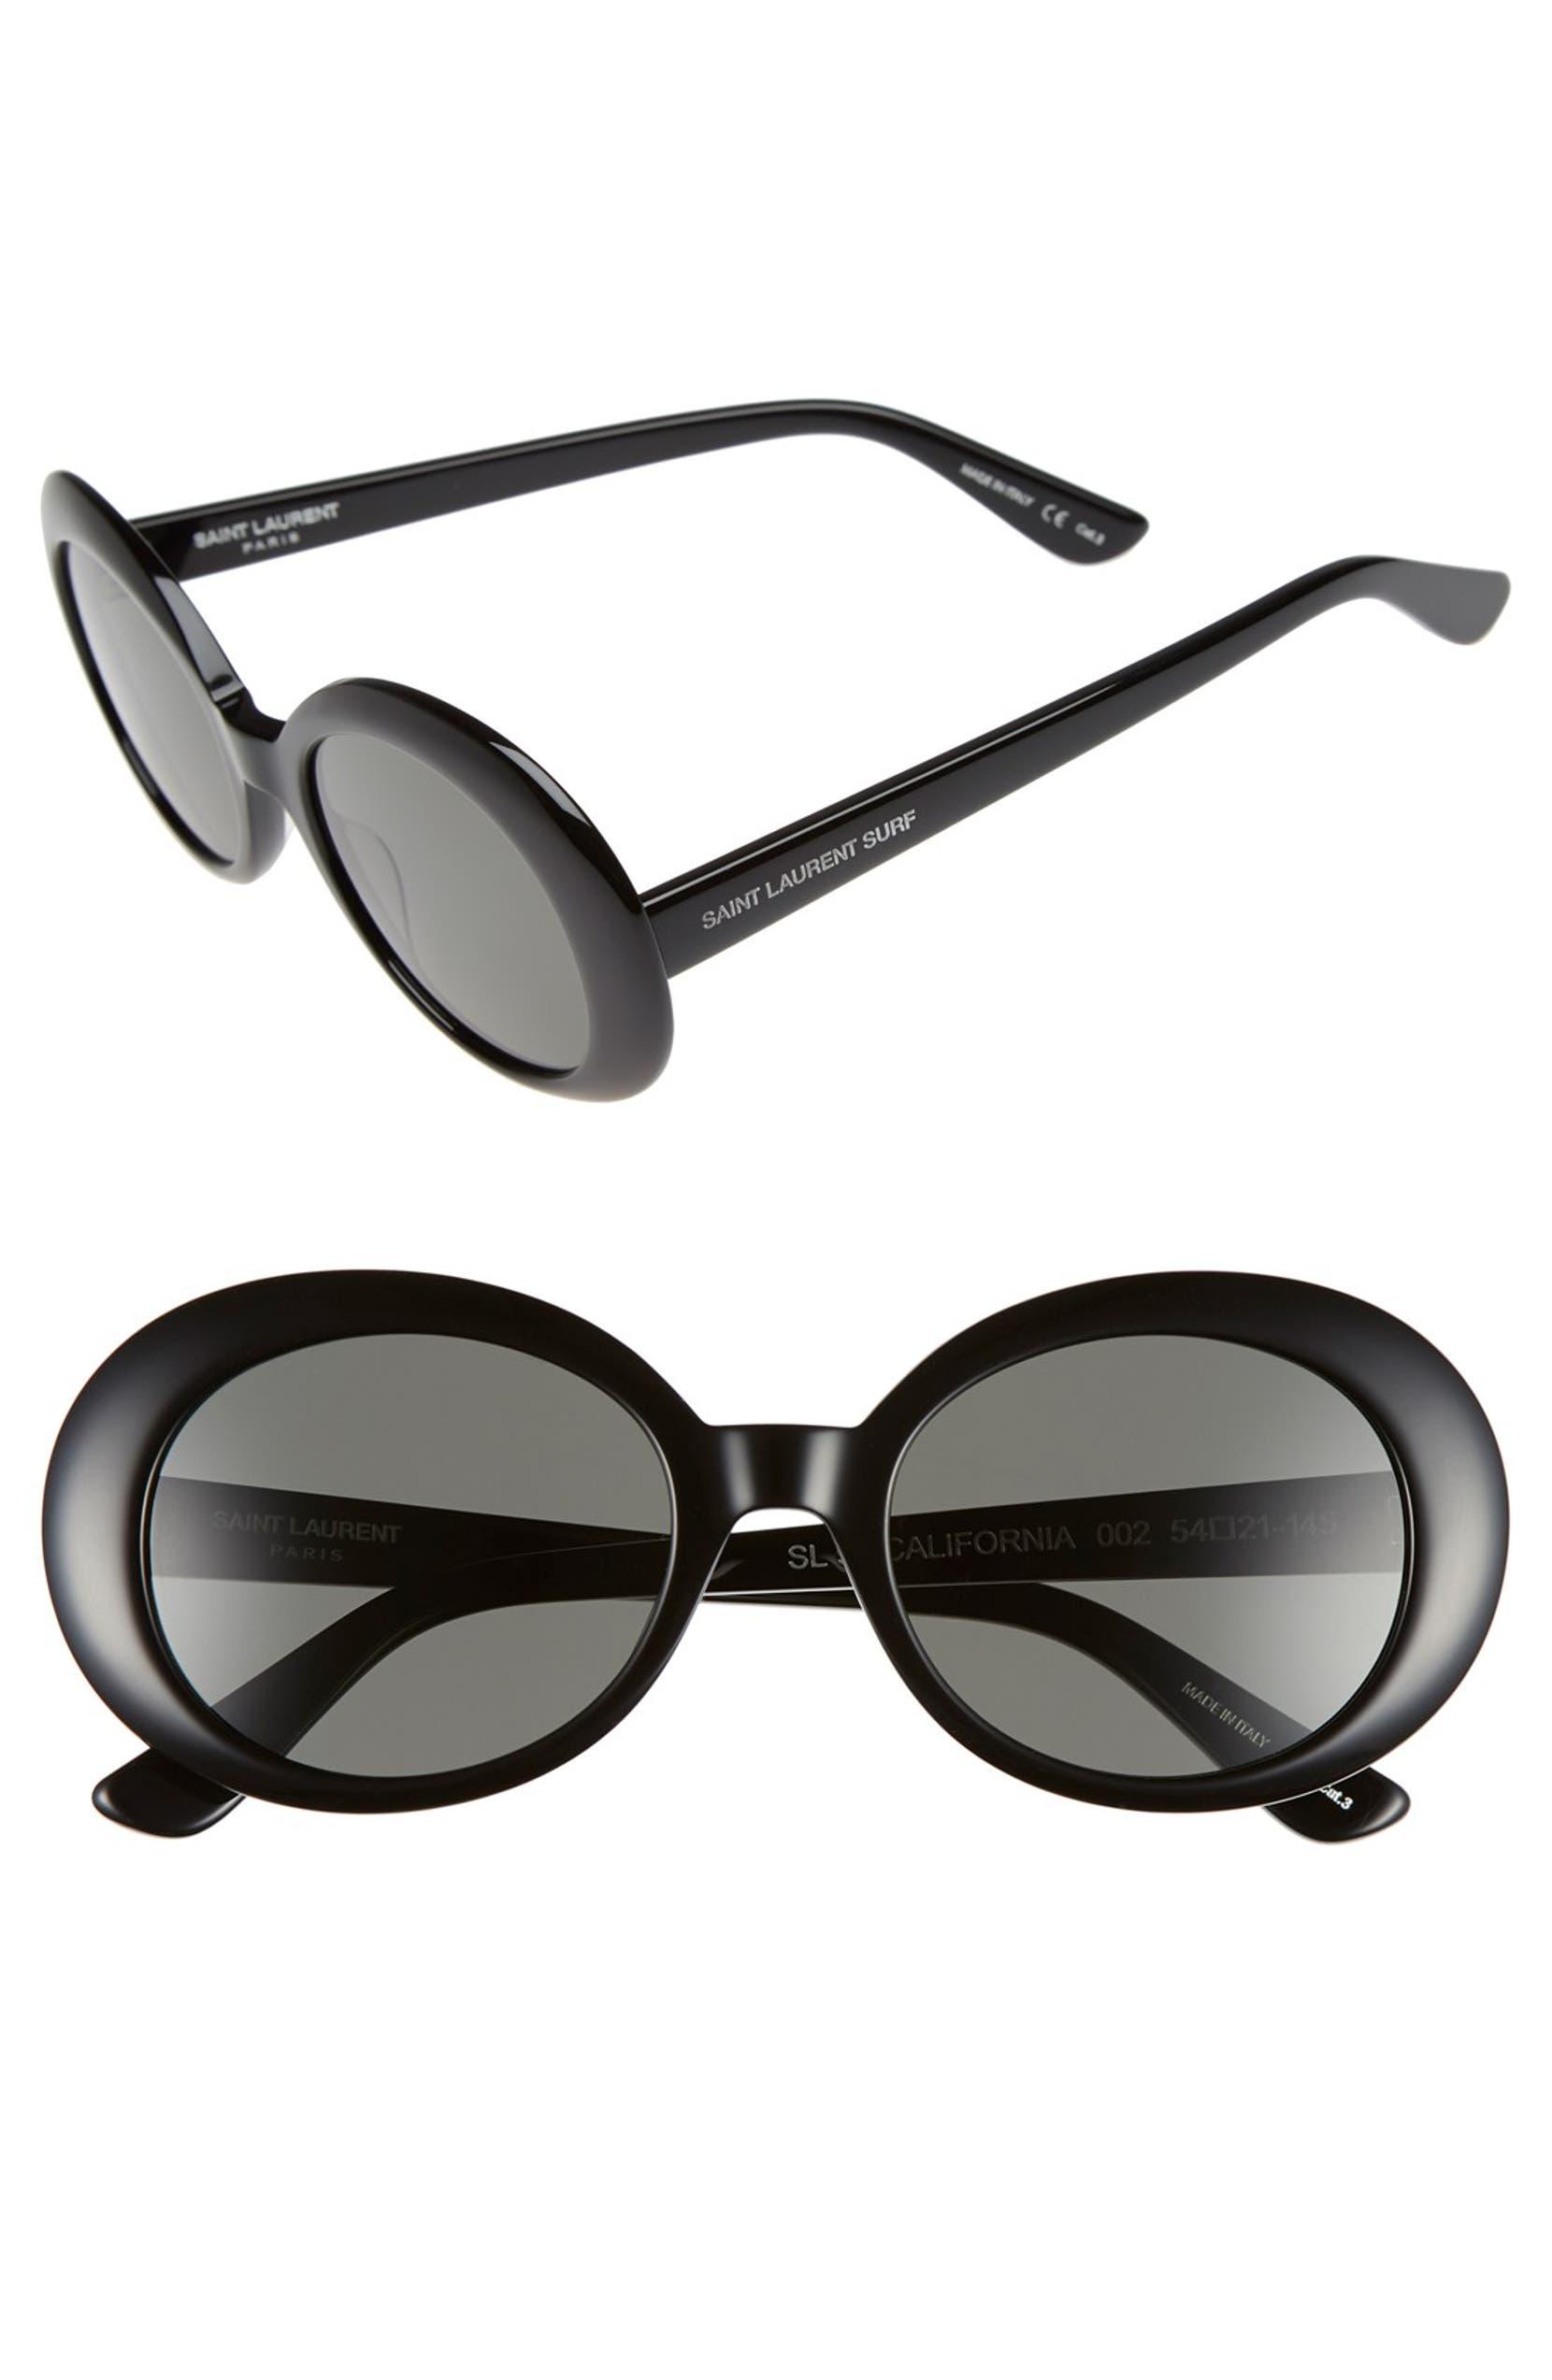 cd9885fc68 Saint Laurent  California  53mm Oval Sunglasses